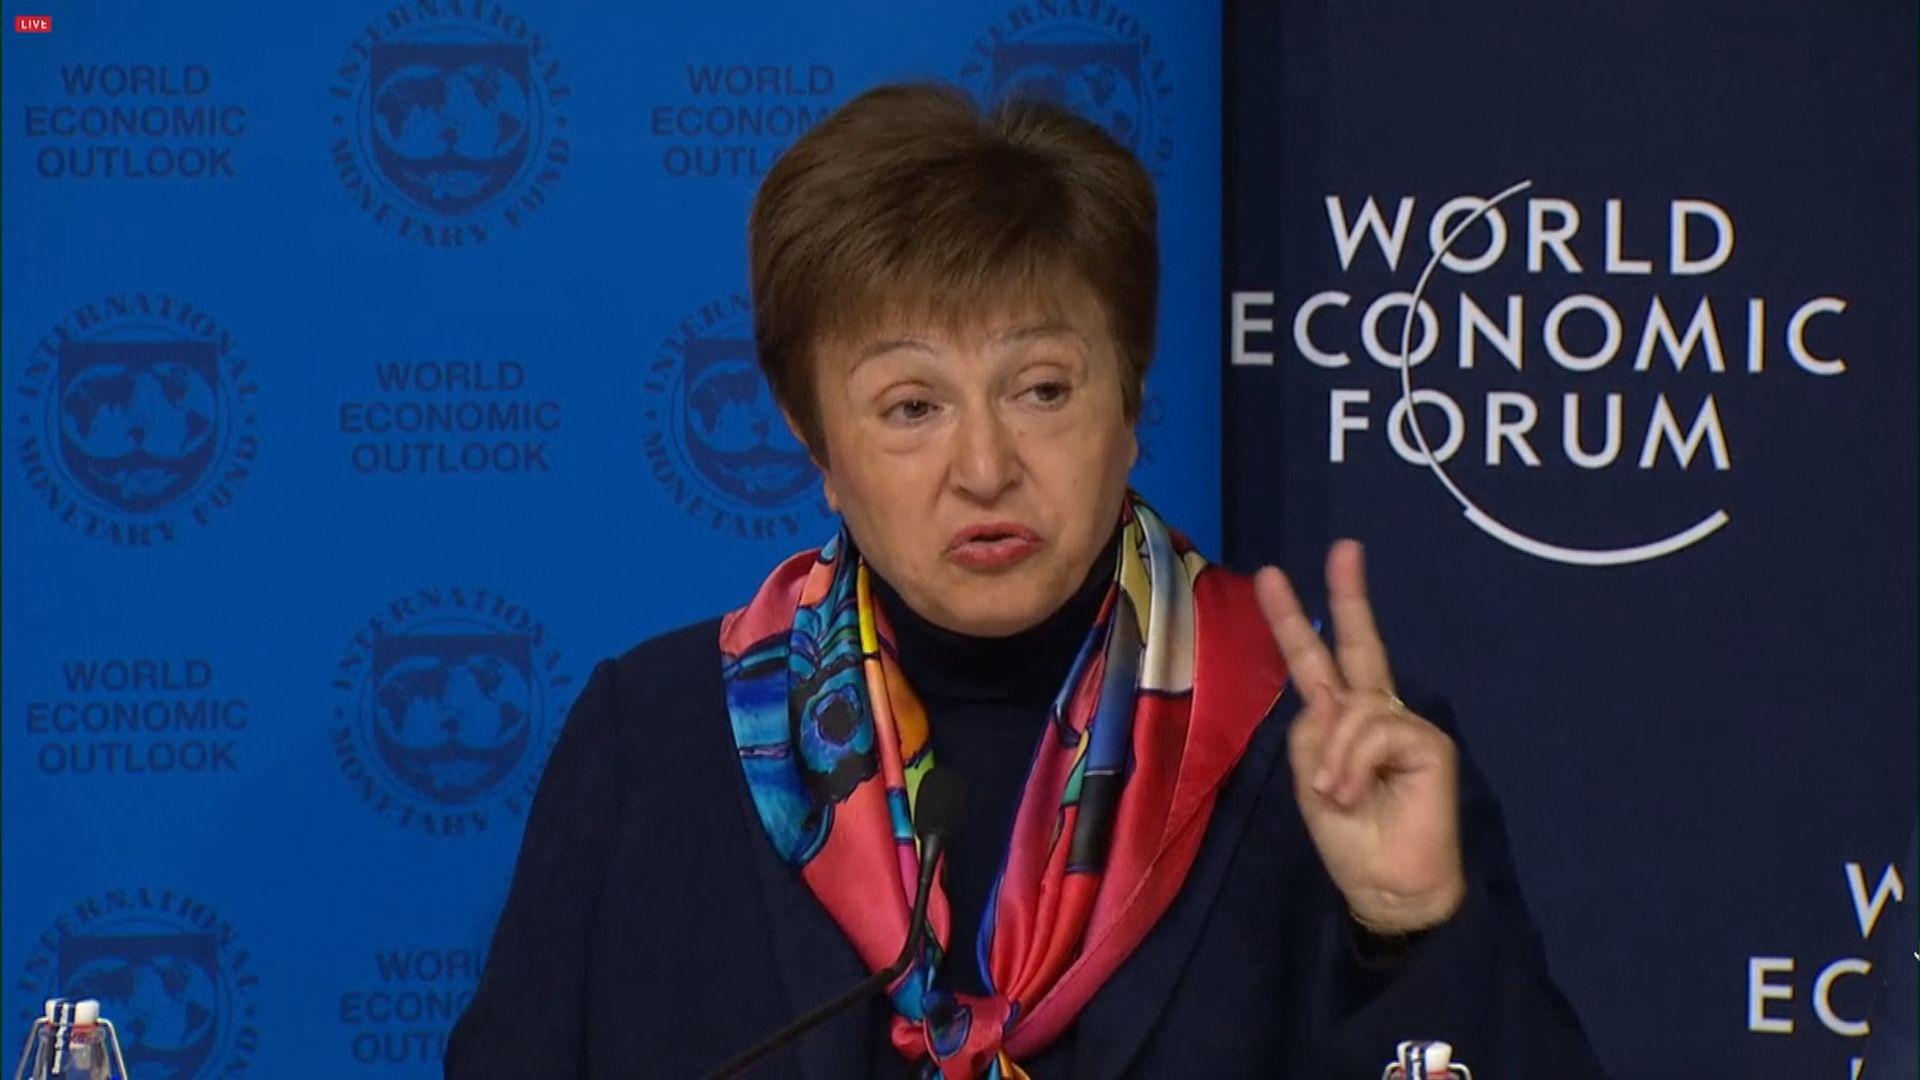 國基會總裁︰經濟欠明顯改善加上肺炎疫情影響全球復甦